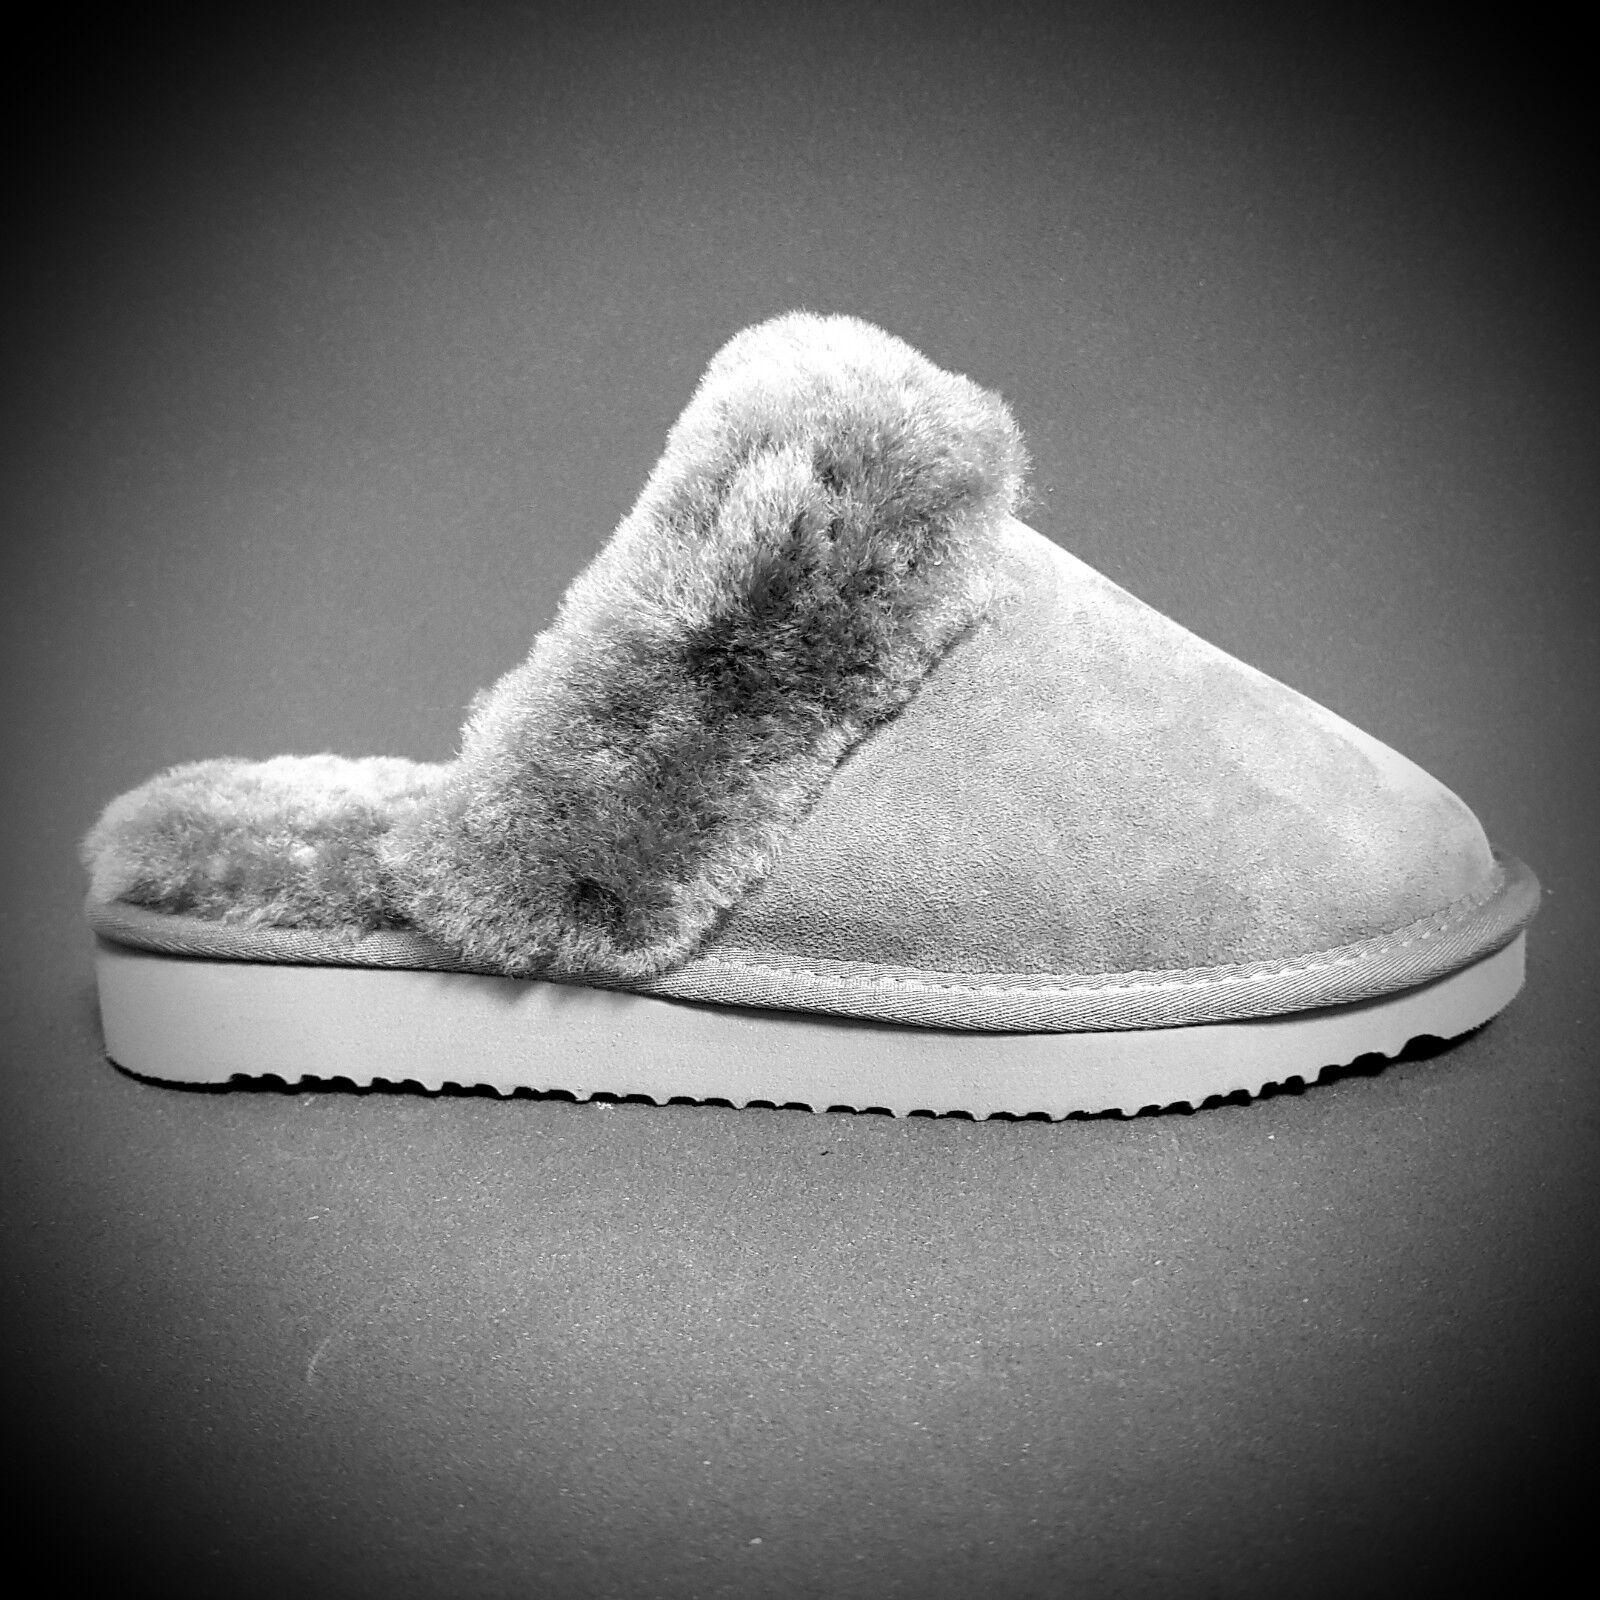 Damen Hausschuhe Lammfell Pantoffel Pantolette grau Leder 100% echt Lammfell Hausschuhe  Neu edf352